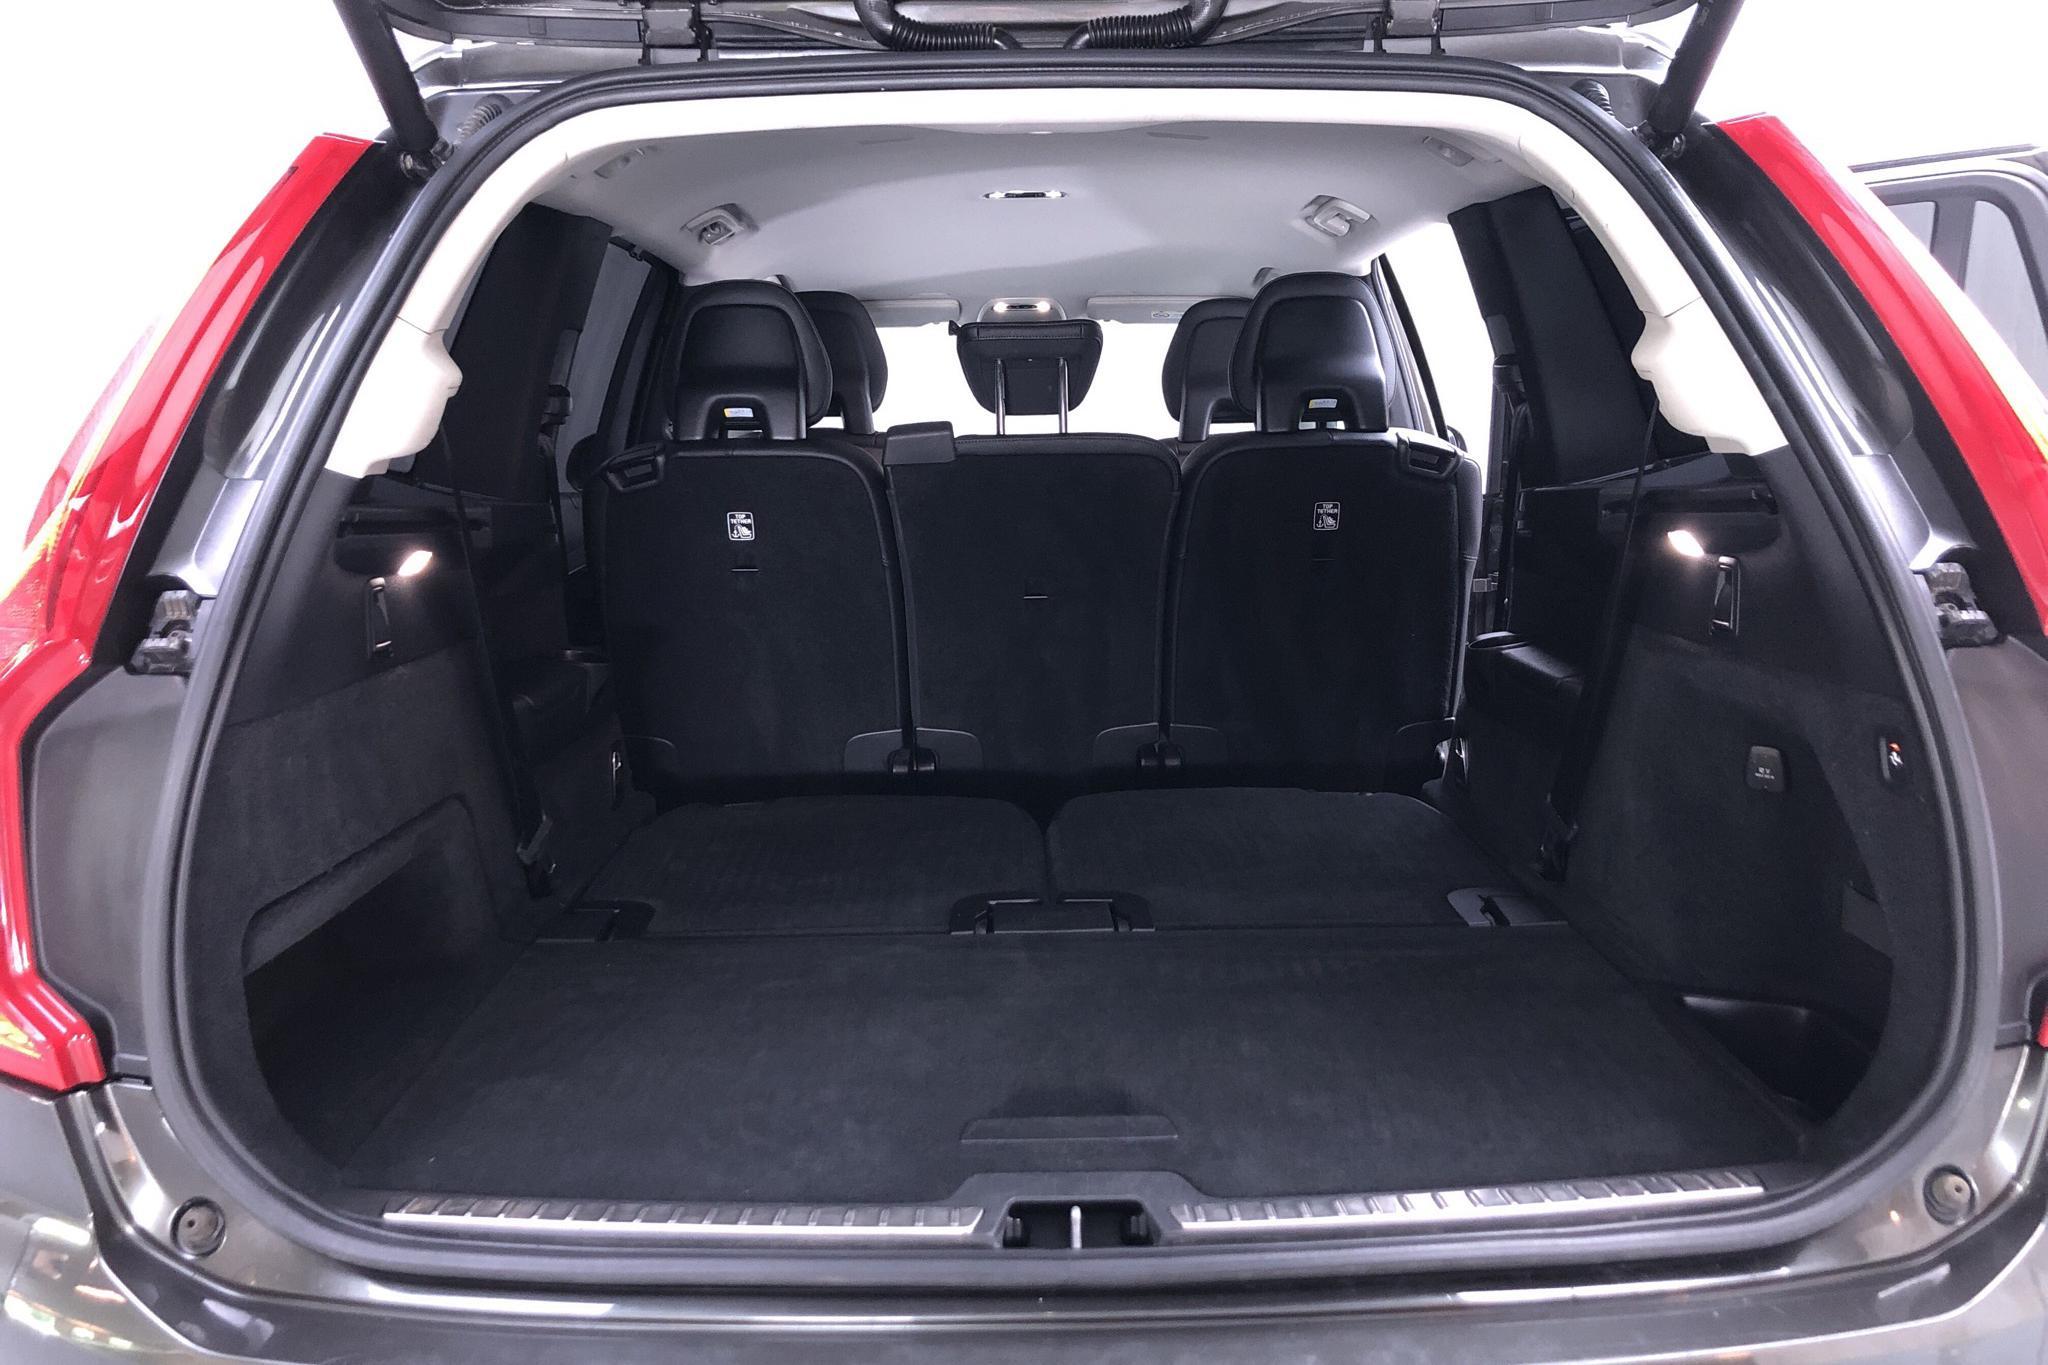 Volvo XC90 D4 AWD (190hk) - 67 720 km - Automatic - Dark Grey - 2018